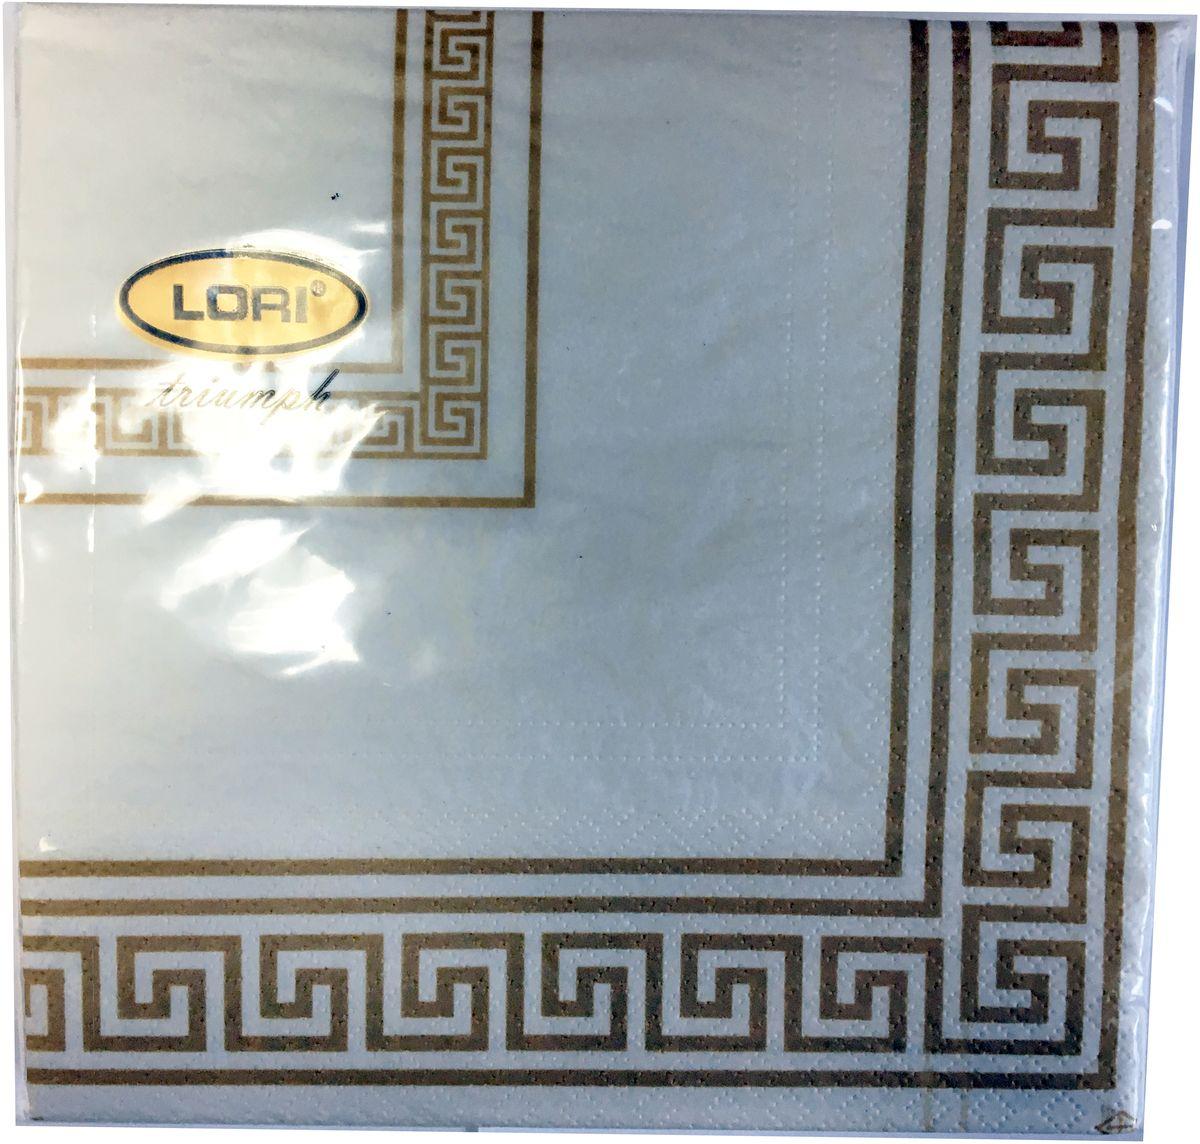 Салфетки бумажные Lori Triumph, трехслойные, цвет: коричневый, белый, 33 х 33 см, 20 шт. 5605819201Декоративные трехслойные салфетки Lori Triumph выполнены из 100% целлюлозы и оформлены ярким рисунком. Изделия станут отличным дополнением любого праздничного стола. Они отличаются необычной мягкостью, прочностью и оригинальностью.Размер салфеток в развернутом виде: 33 х 33 см.